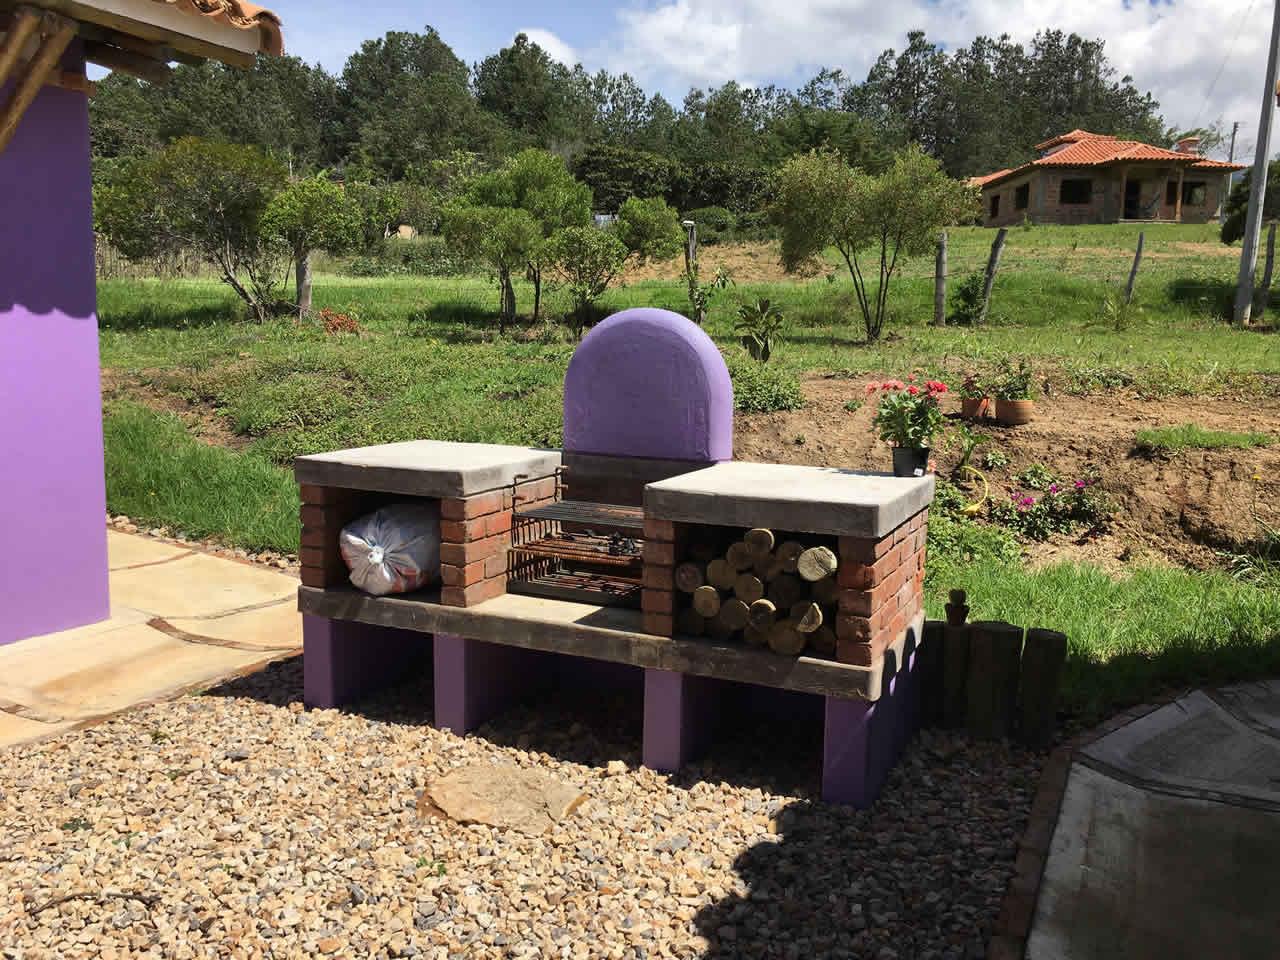 Alquiler casa Jishana Villa de Leyva - BBQ